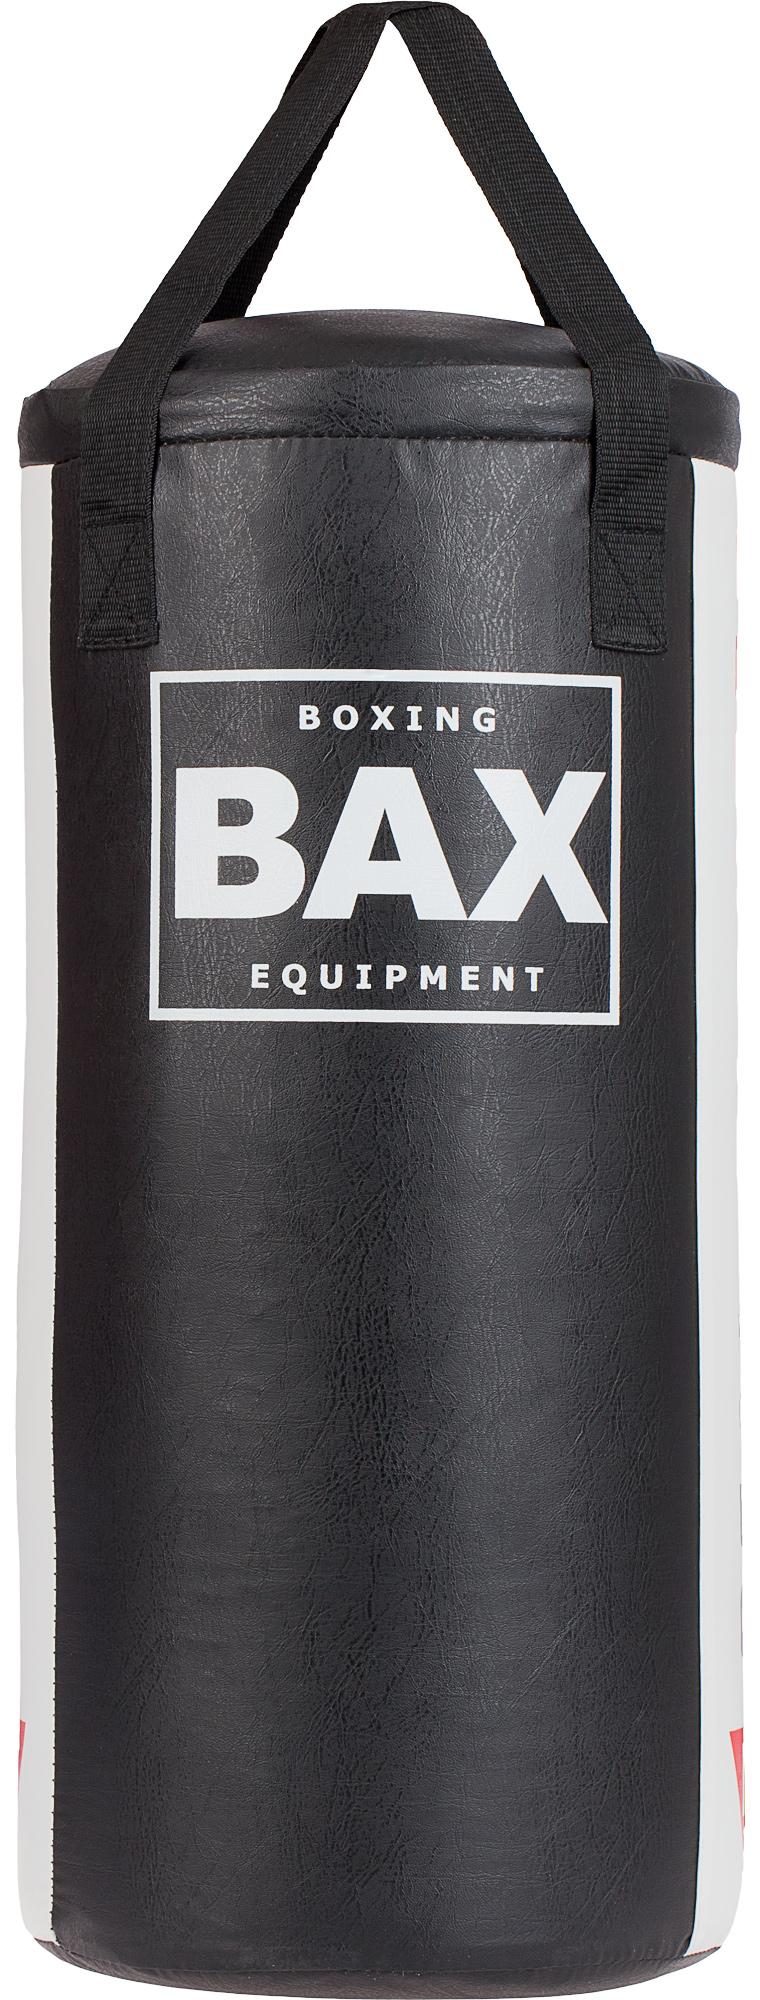 Bax Мешок набивной Bax, 10 кг bax мешок набивной bax 50 кг